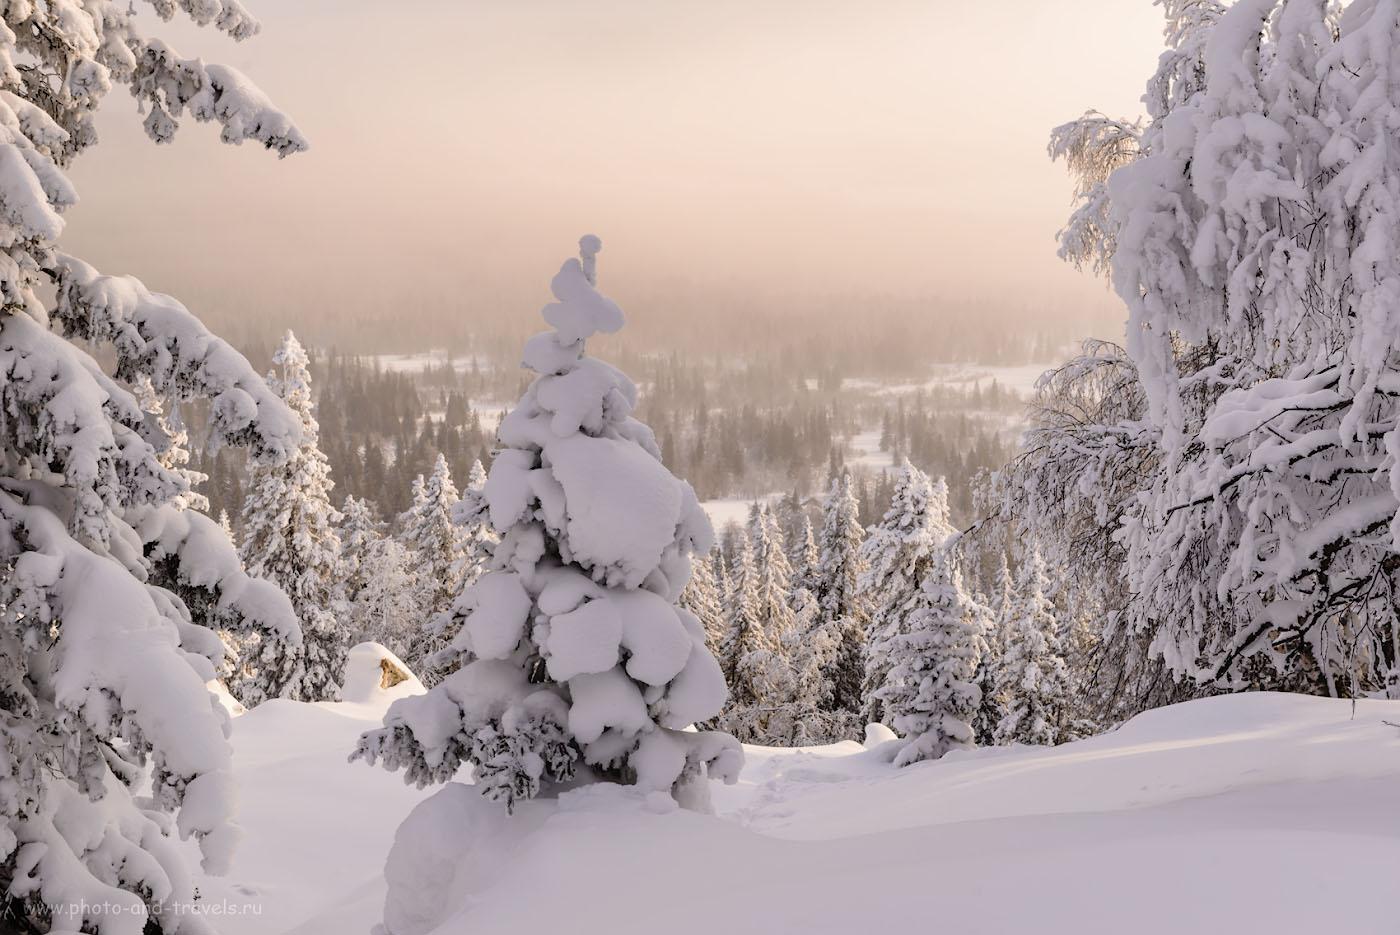 Фотография 8. Минут 20 назад мы шли между тех елей. Поход выходного дня в горы Челябинской области. Камера Nikon D610, объектив Nikon 24-70mm f/2.8. Параметры съемки: 1/160, 0.67, 9.0, 200, 52.